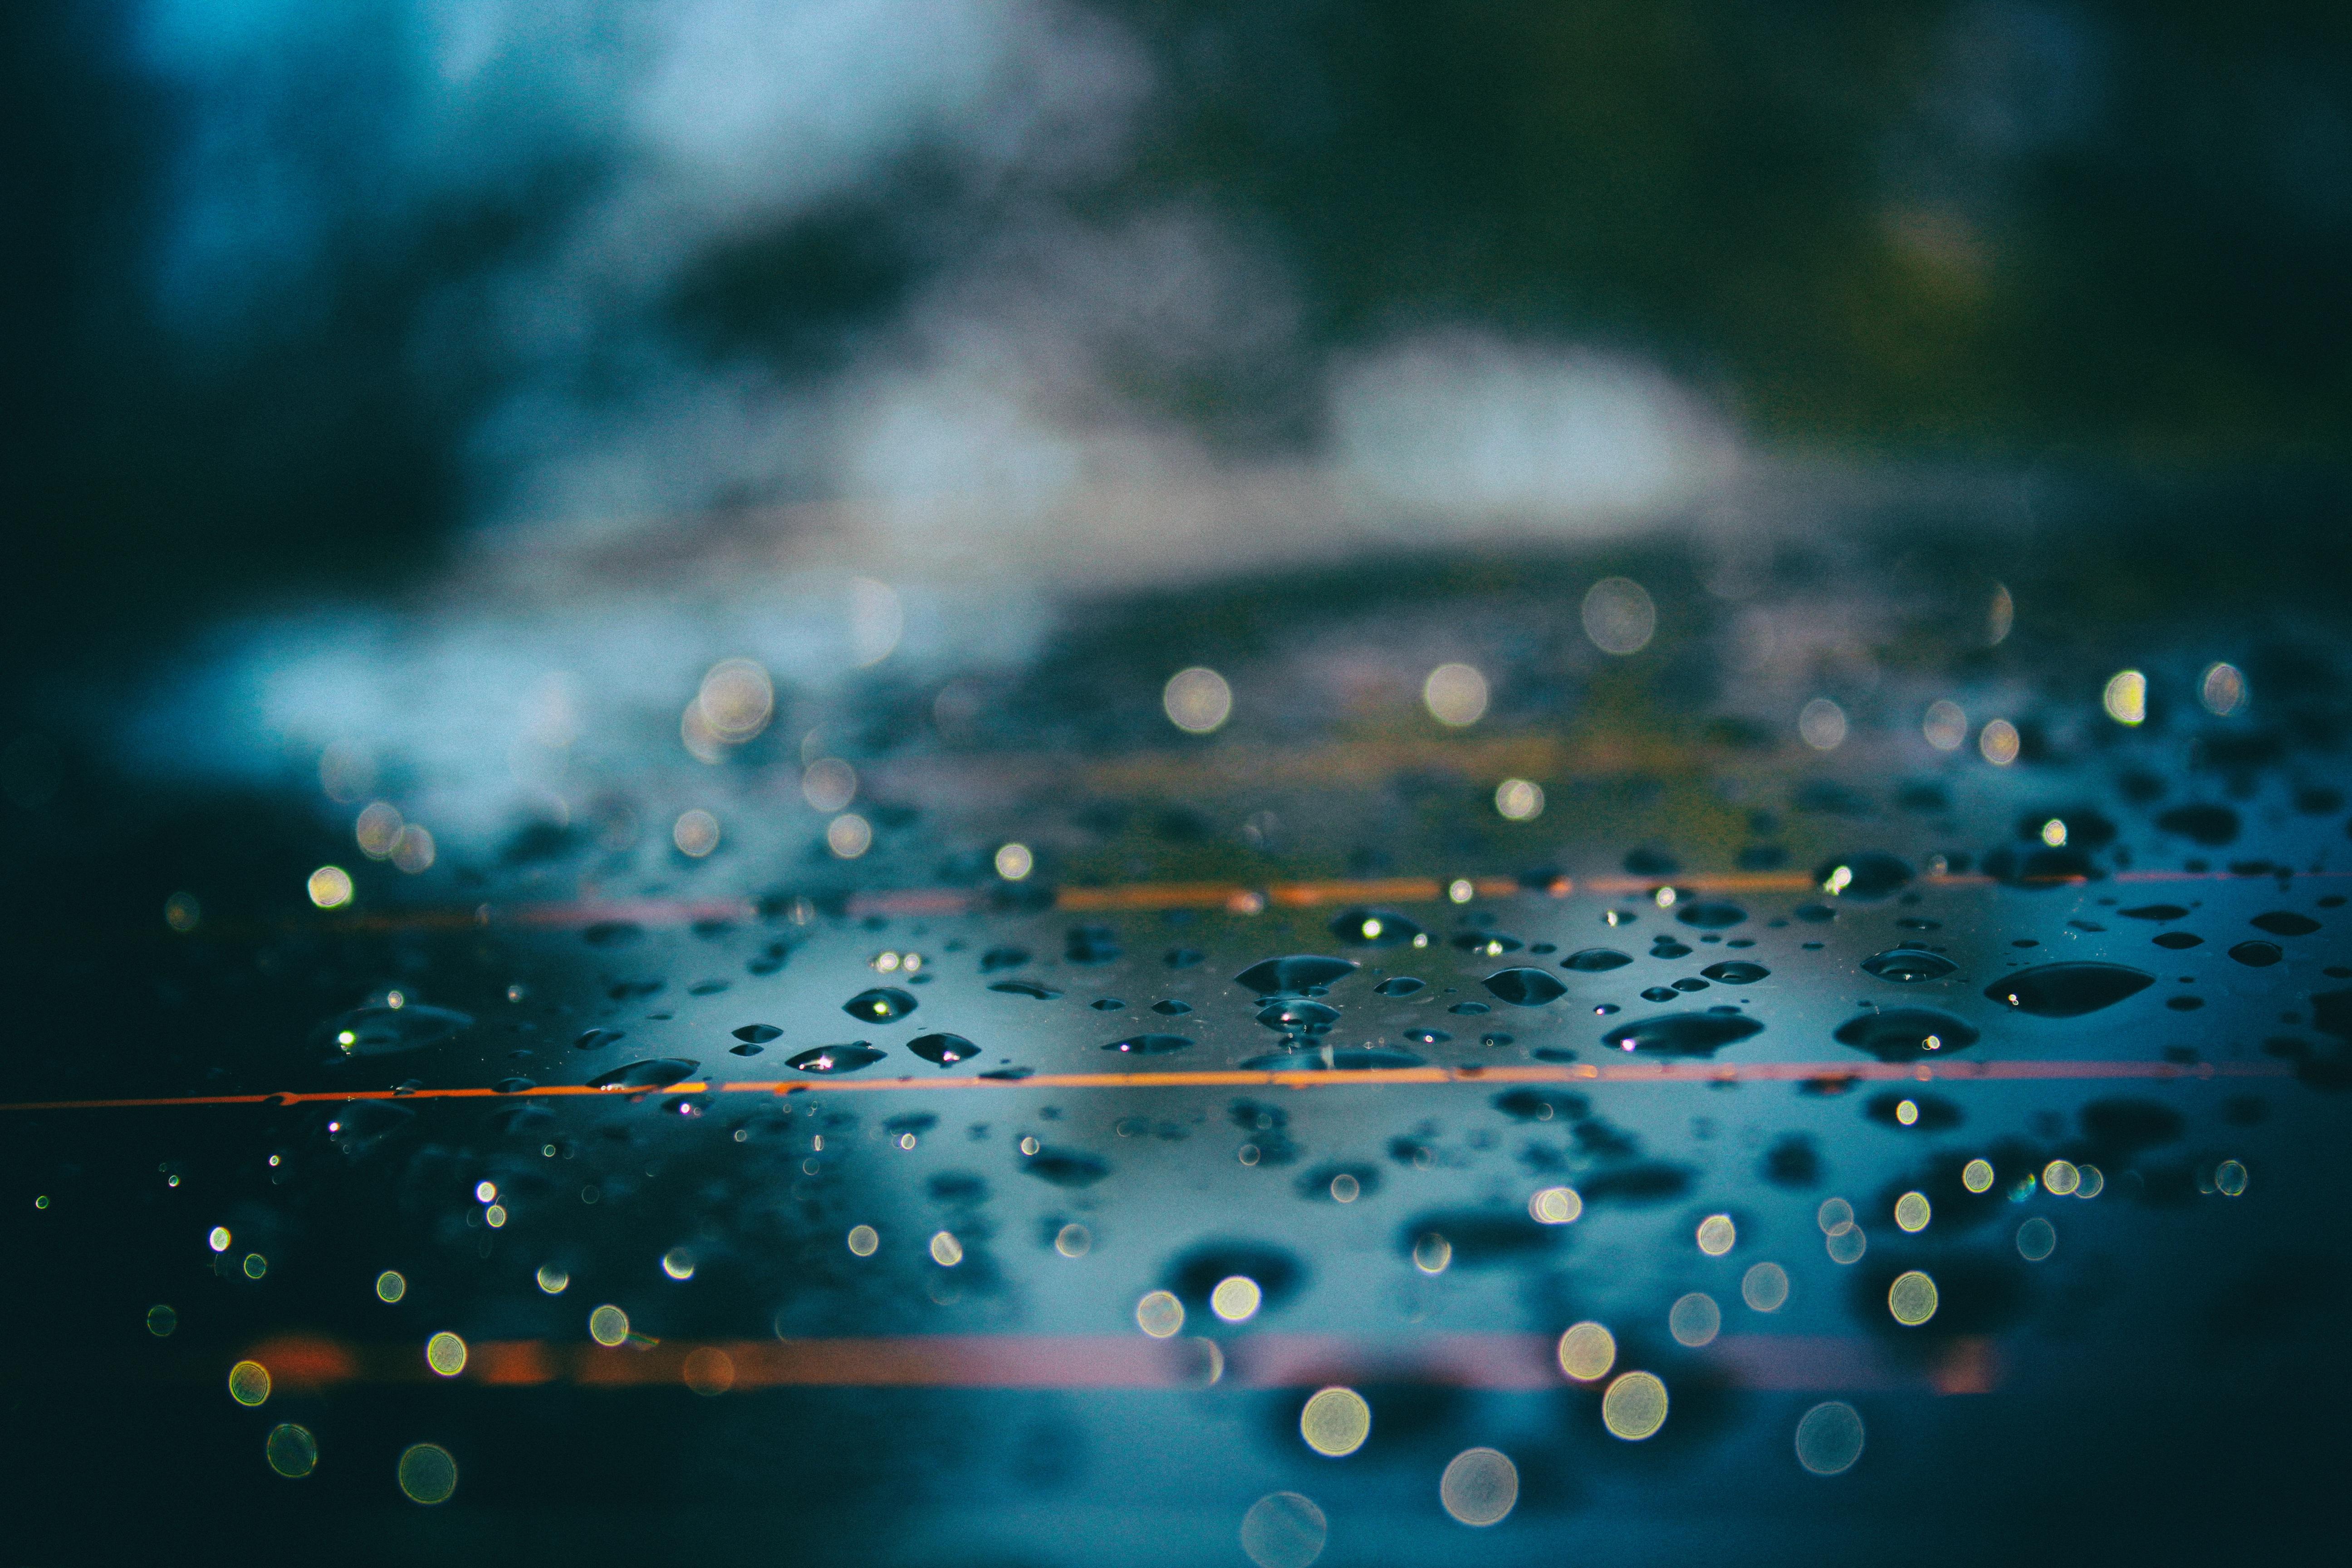 Gambar Air Penurunan Embun Langit Sinar Matahari Hujan